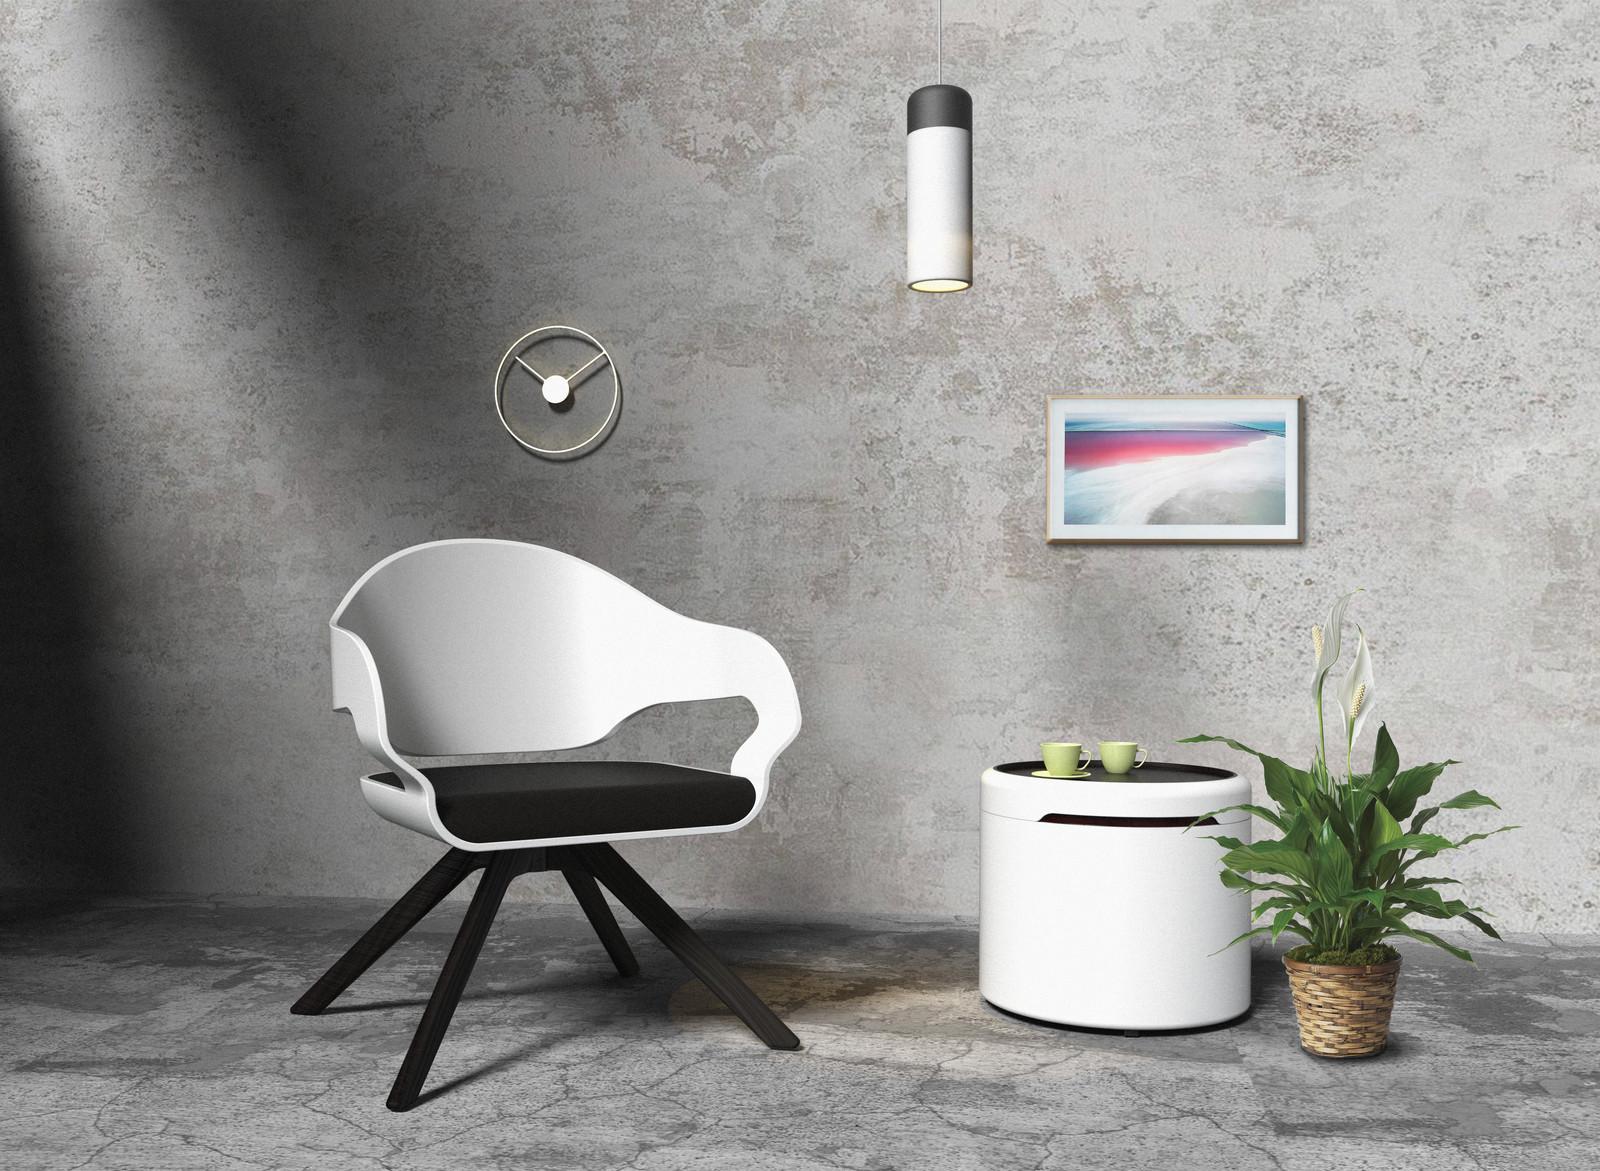 chair14.jpg